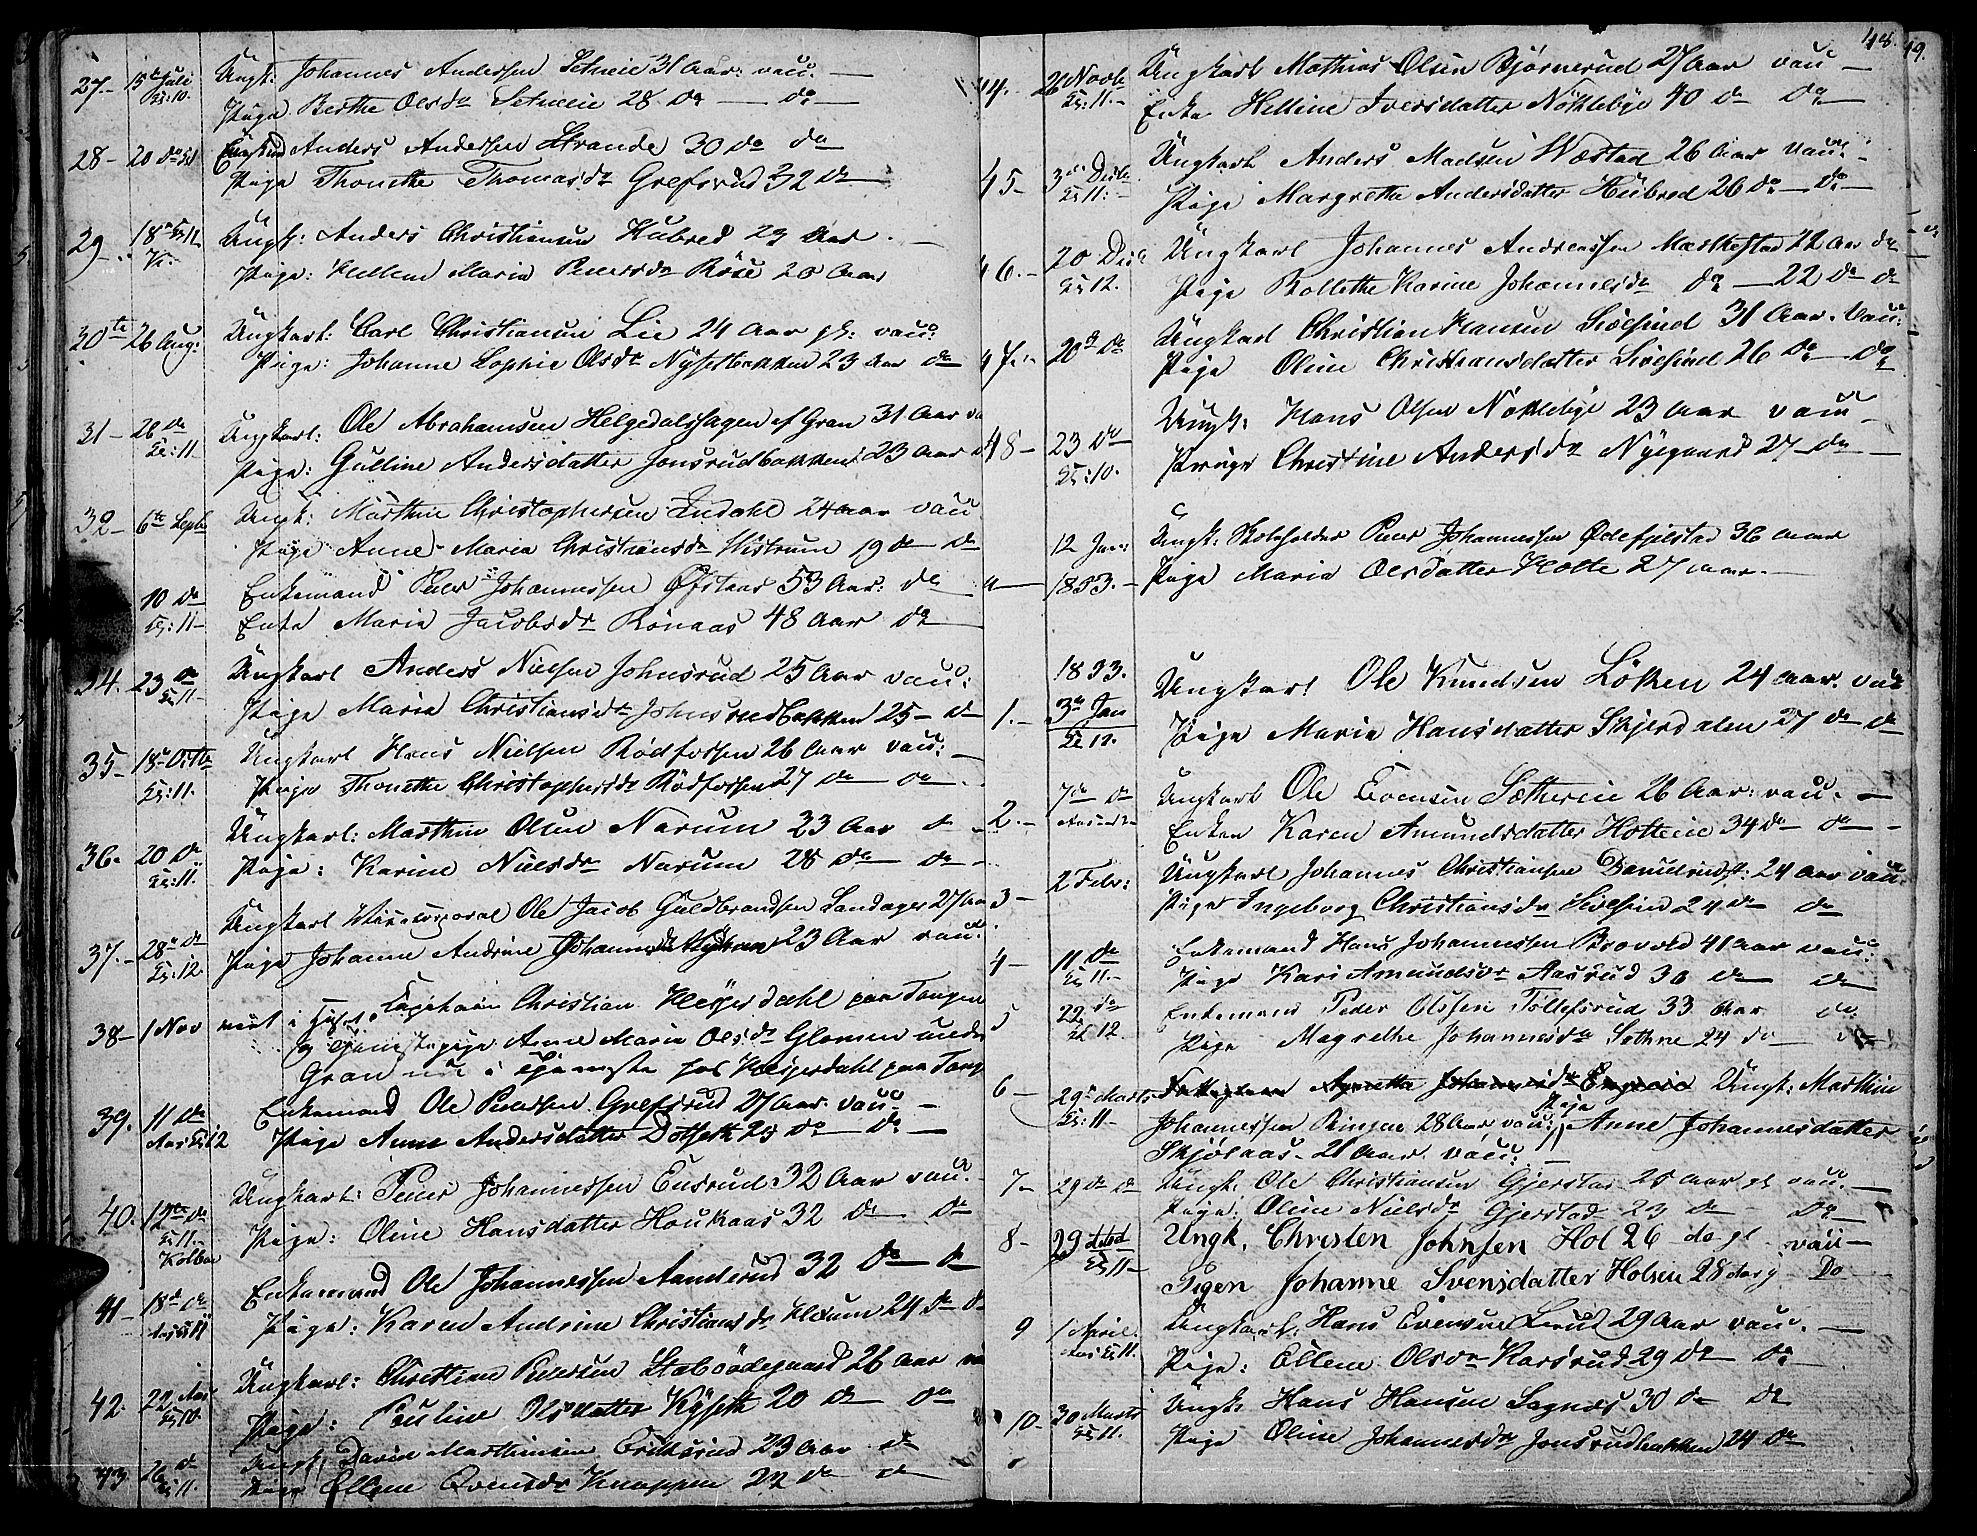 SAH, Vestre Toten prestekontor, Klokkerbok nr. 3, 1846-1854, s. 48